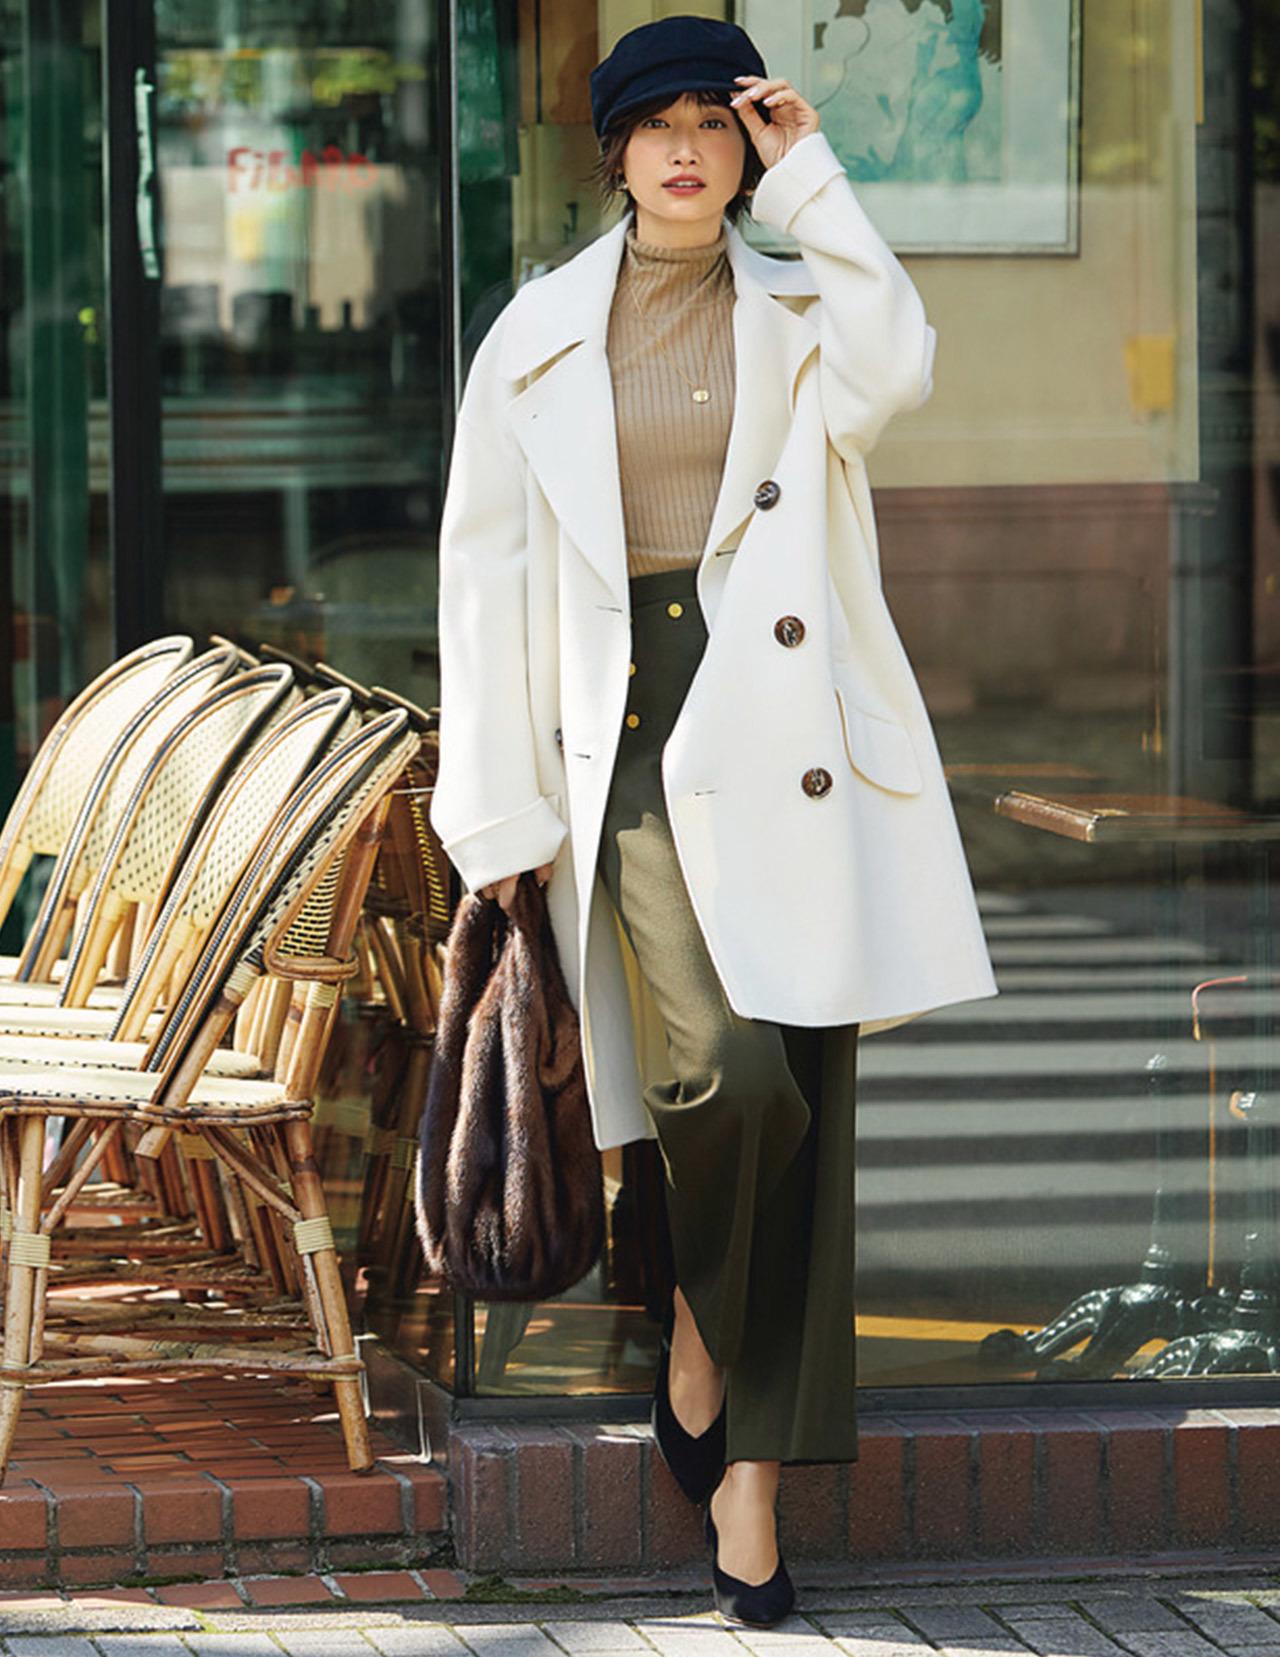 オーバーサイズのPコートを主役に王道のフレンチシック着こなし